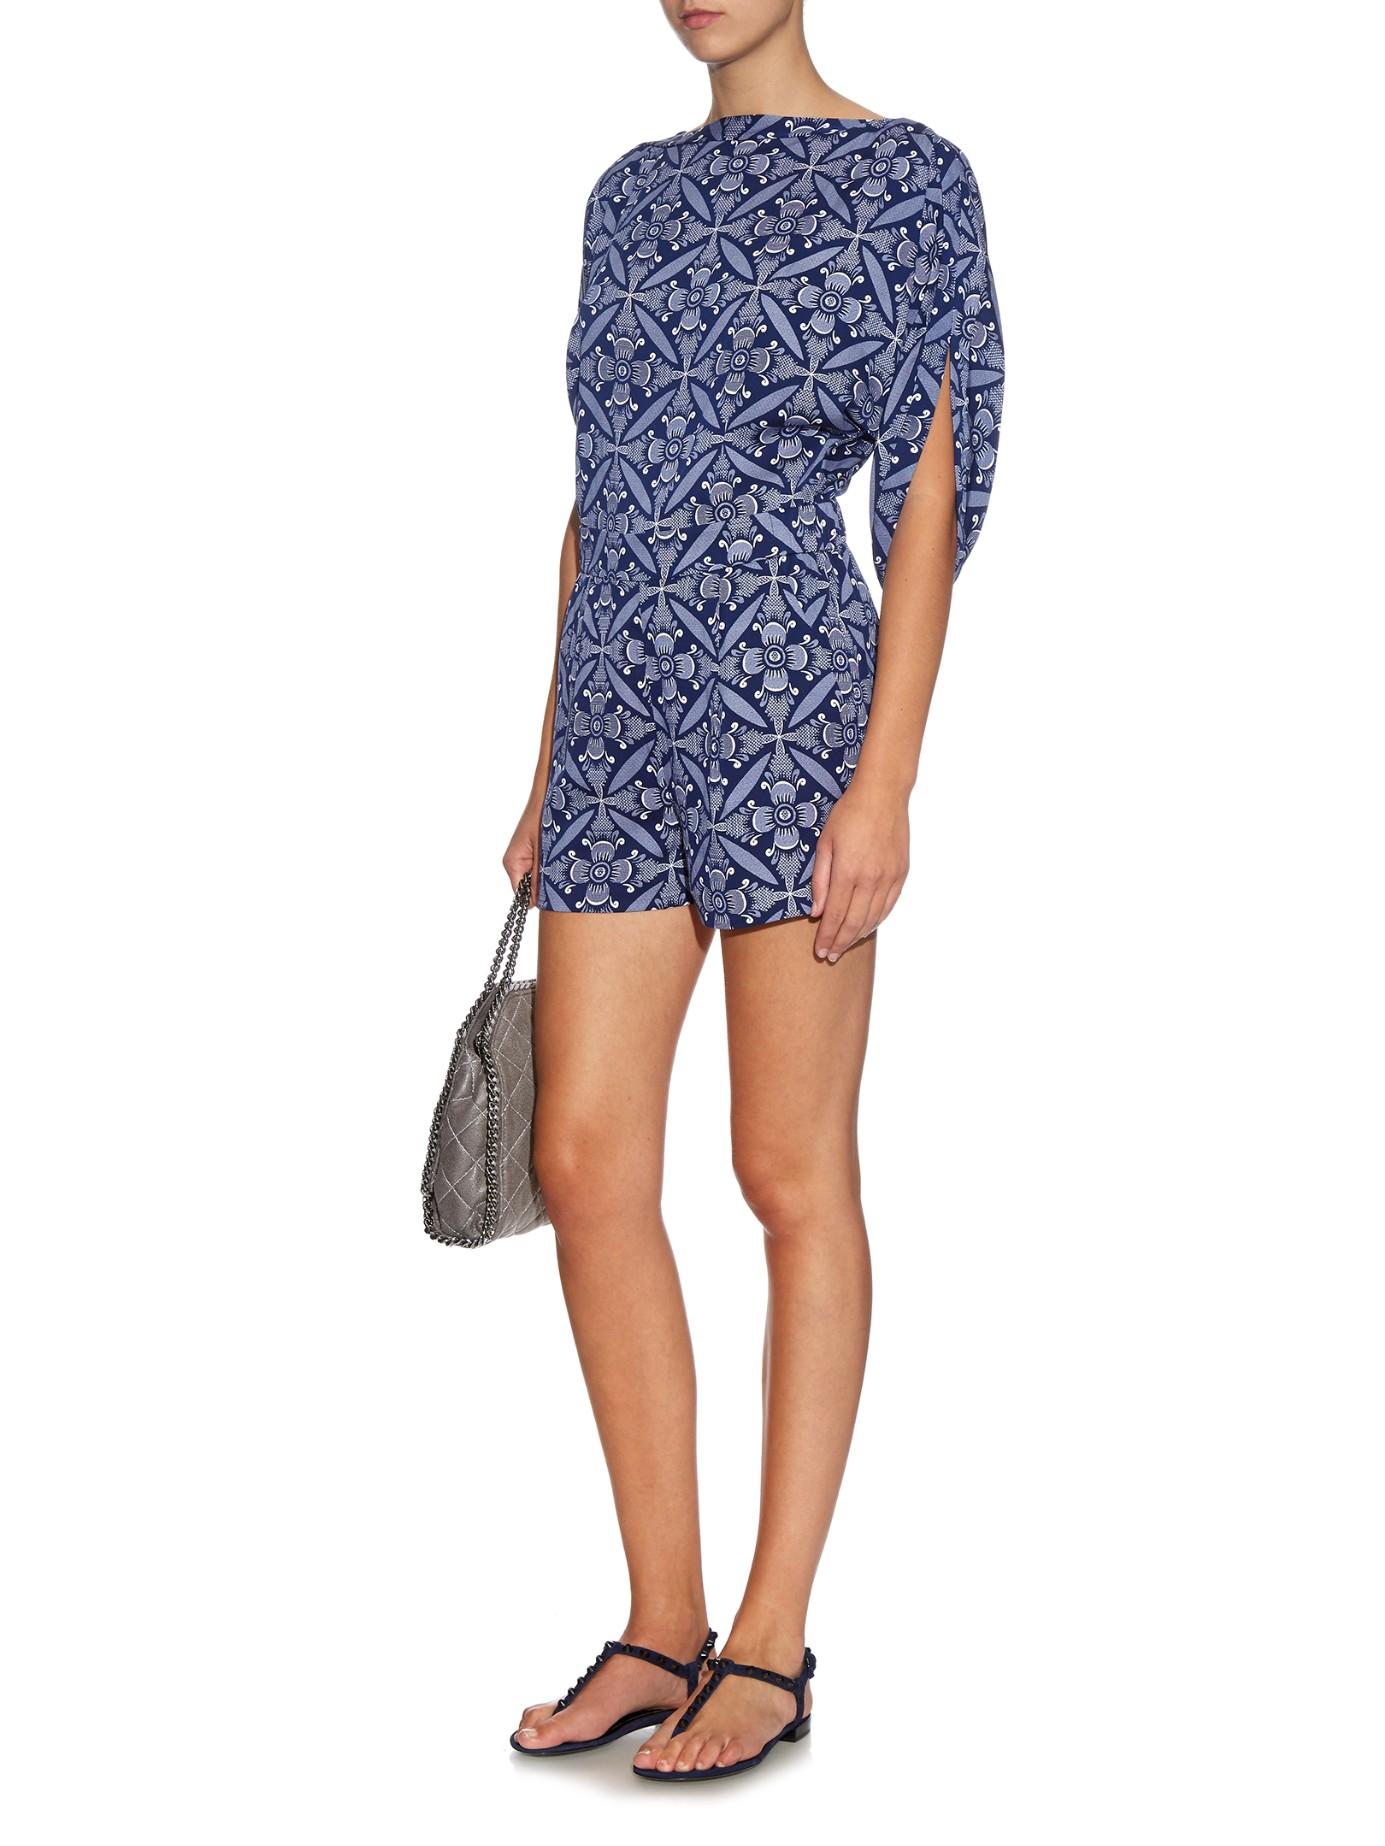 feaab3b37bc Lyst - Diane von Furstenberg Soleil Playsuit in Blue